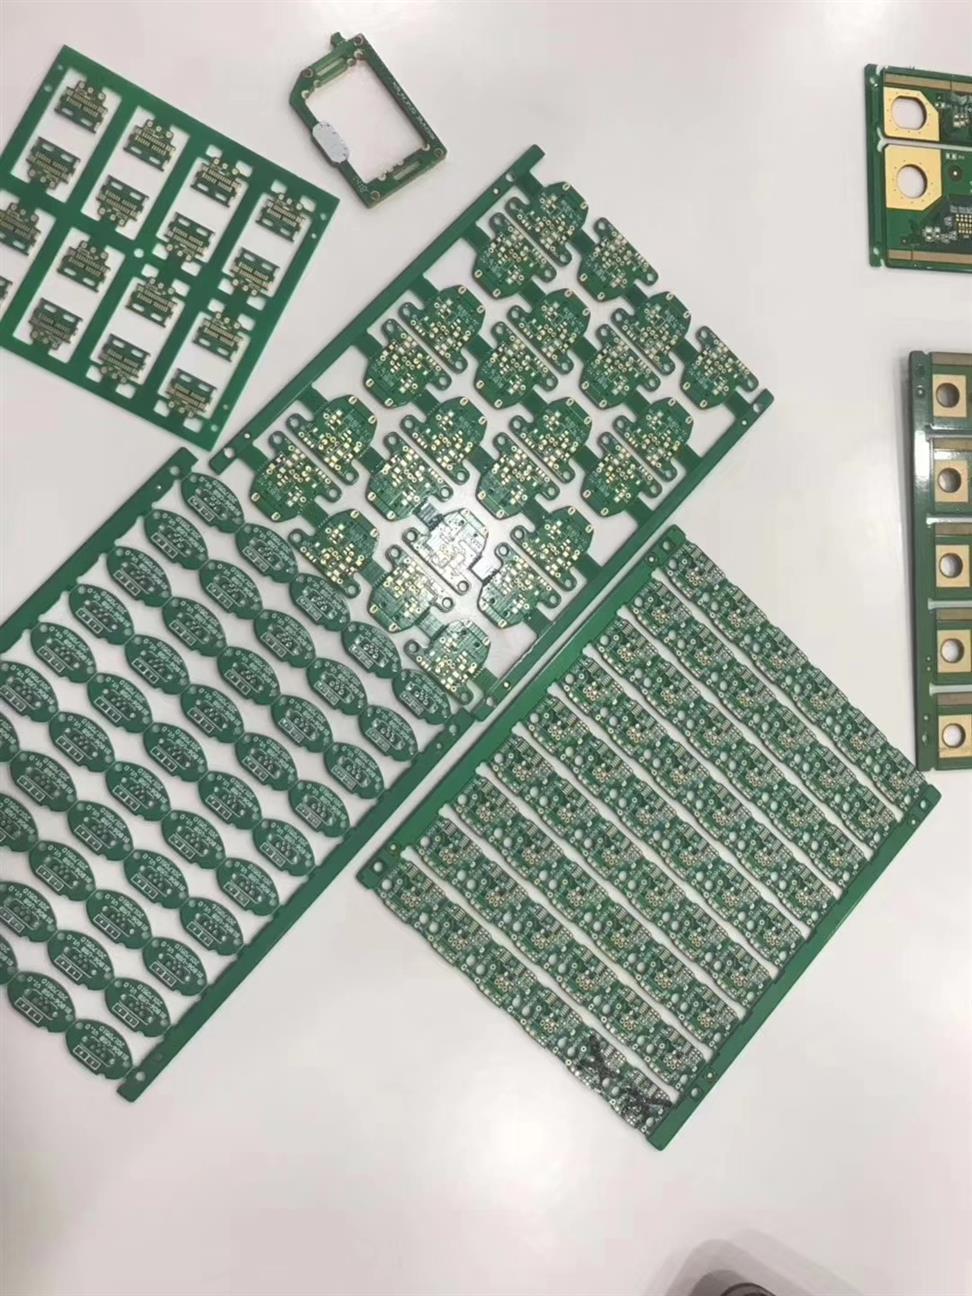 昆明高频板品质好 欢迎来电了解